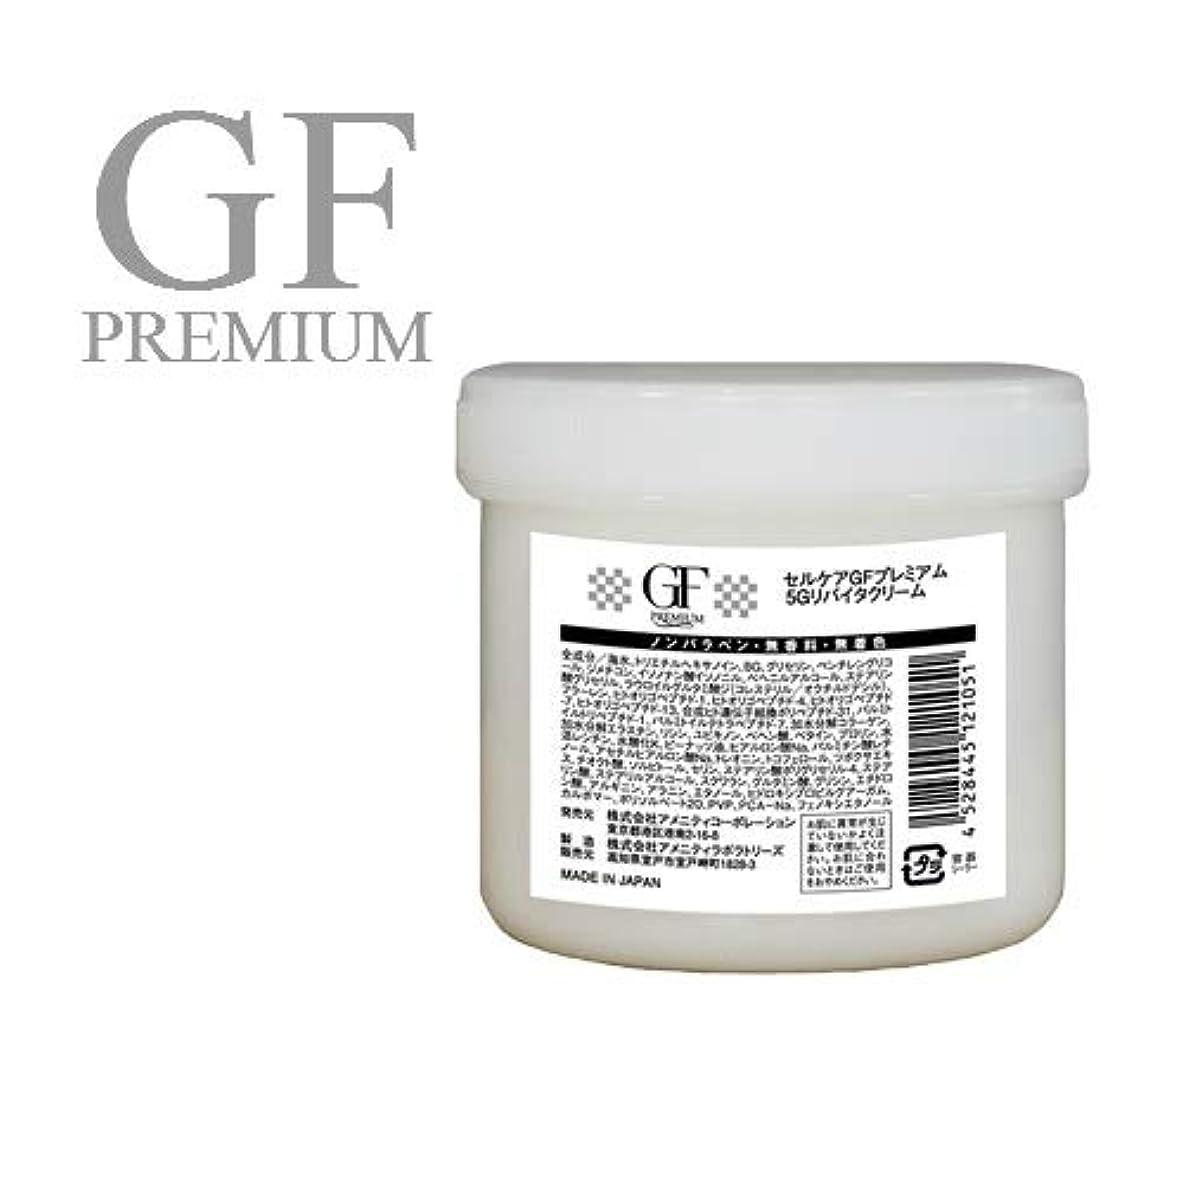 オート更新するヘロインセルケア GF プレミアム 5G リバイタクリーム お徳用 250g